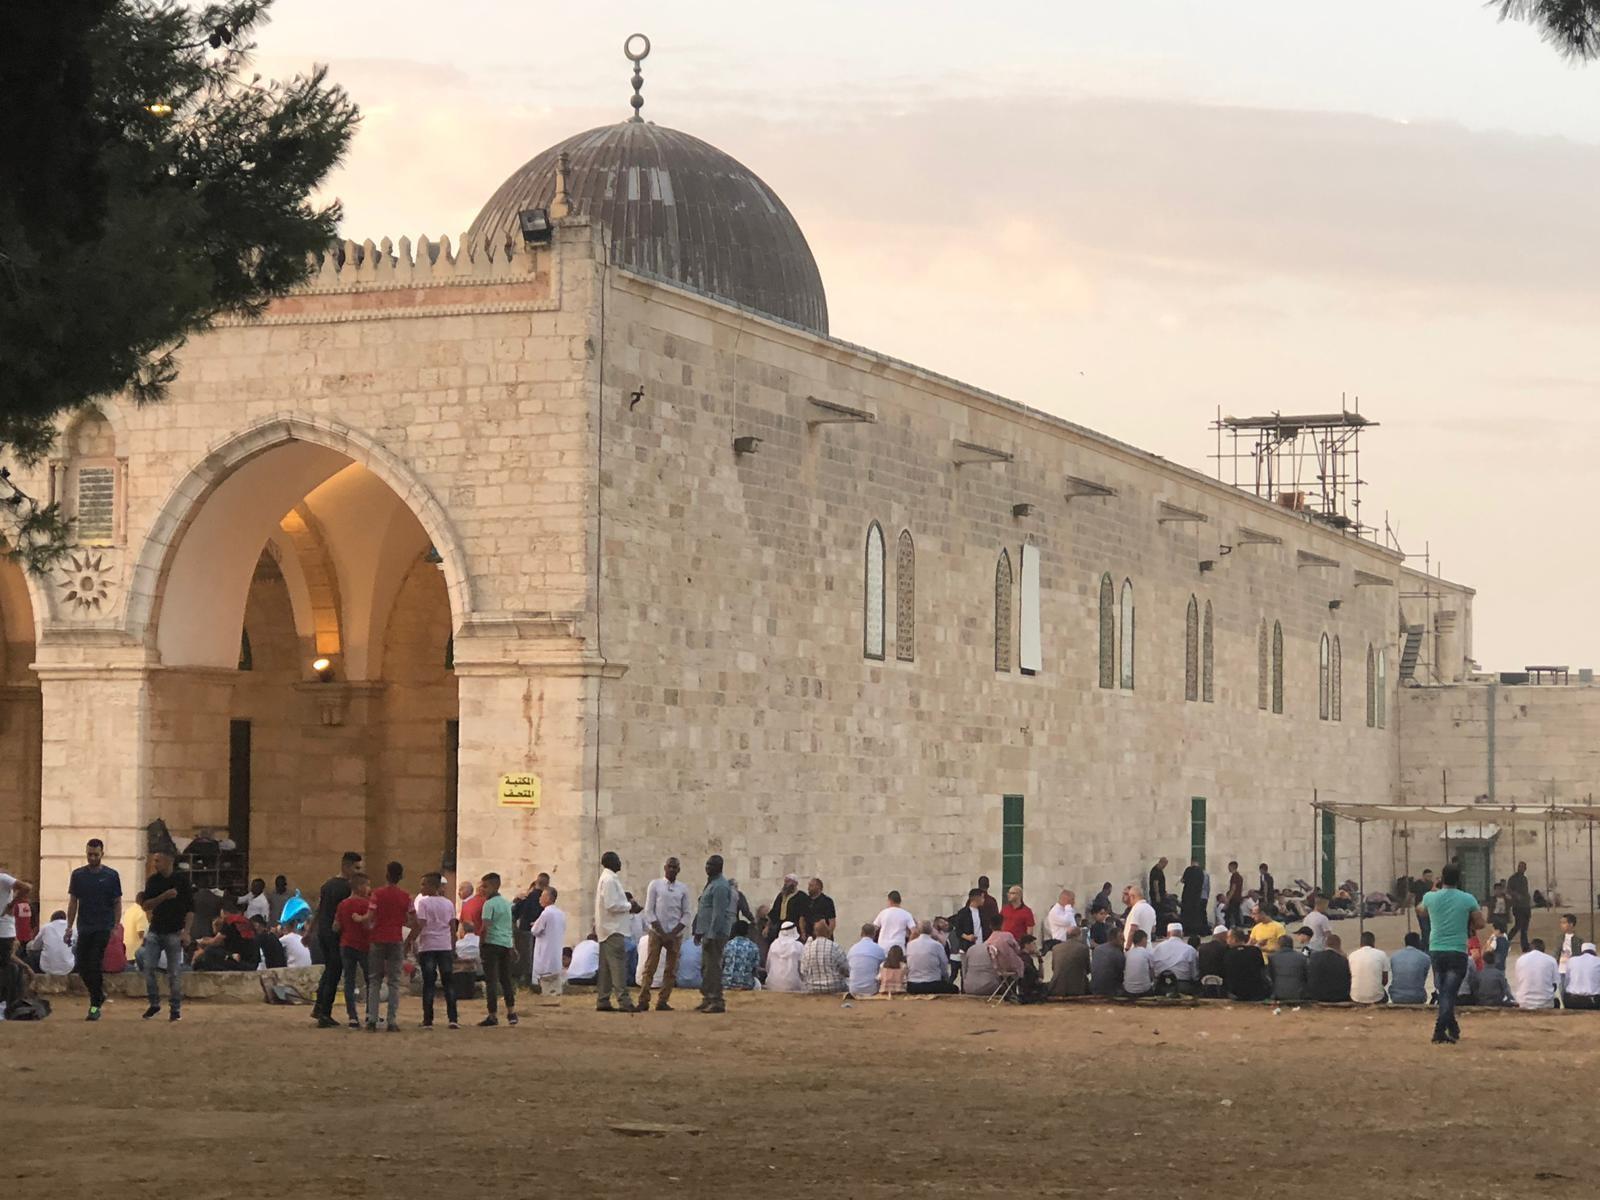 """المسجد القبلي المسقوف قرب باب المغاربة، حيث تدفع المنظمات اليهودية لبناء كنيس بجواره (تصوير """"عرب 48"""")"""